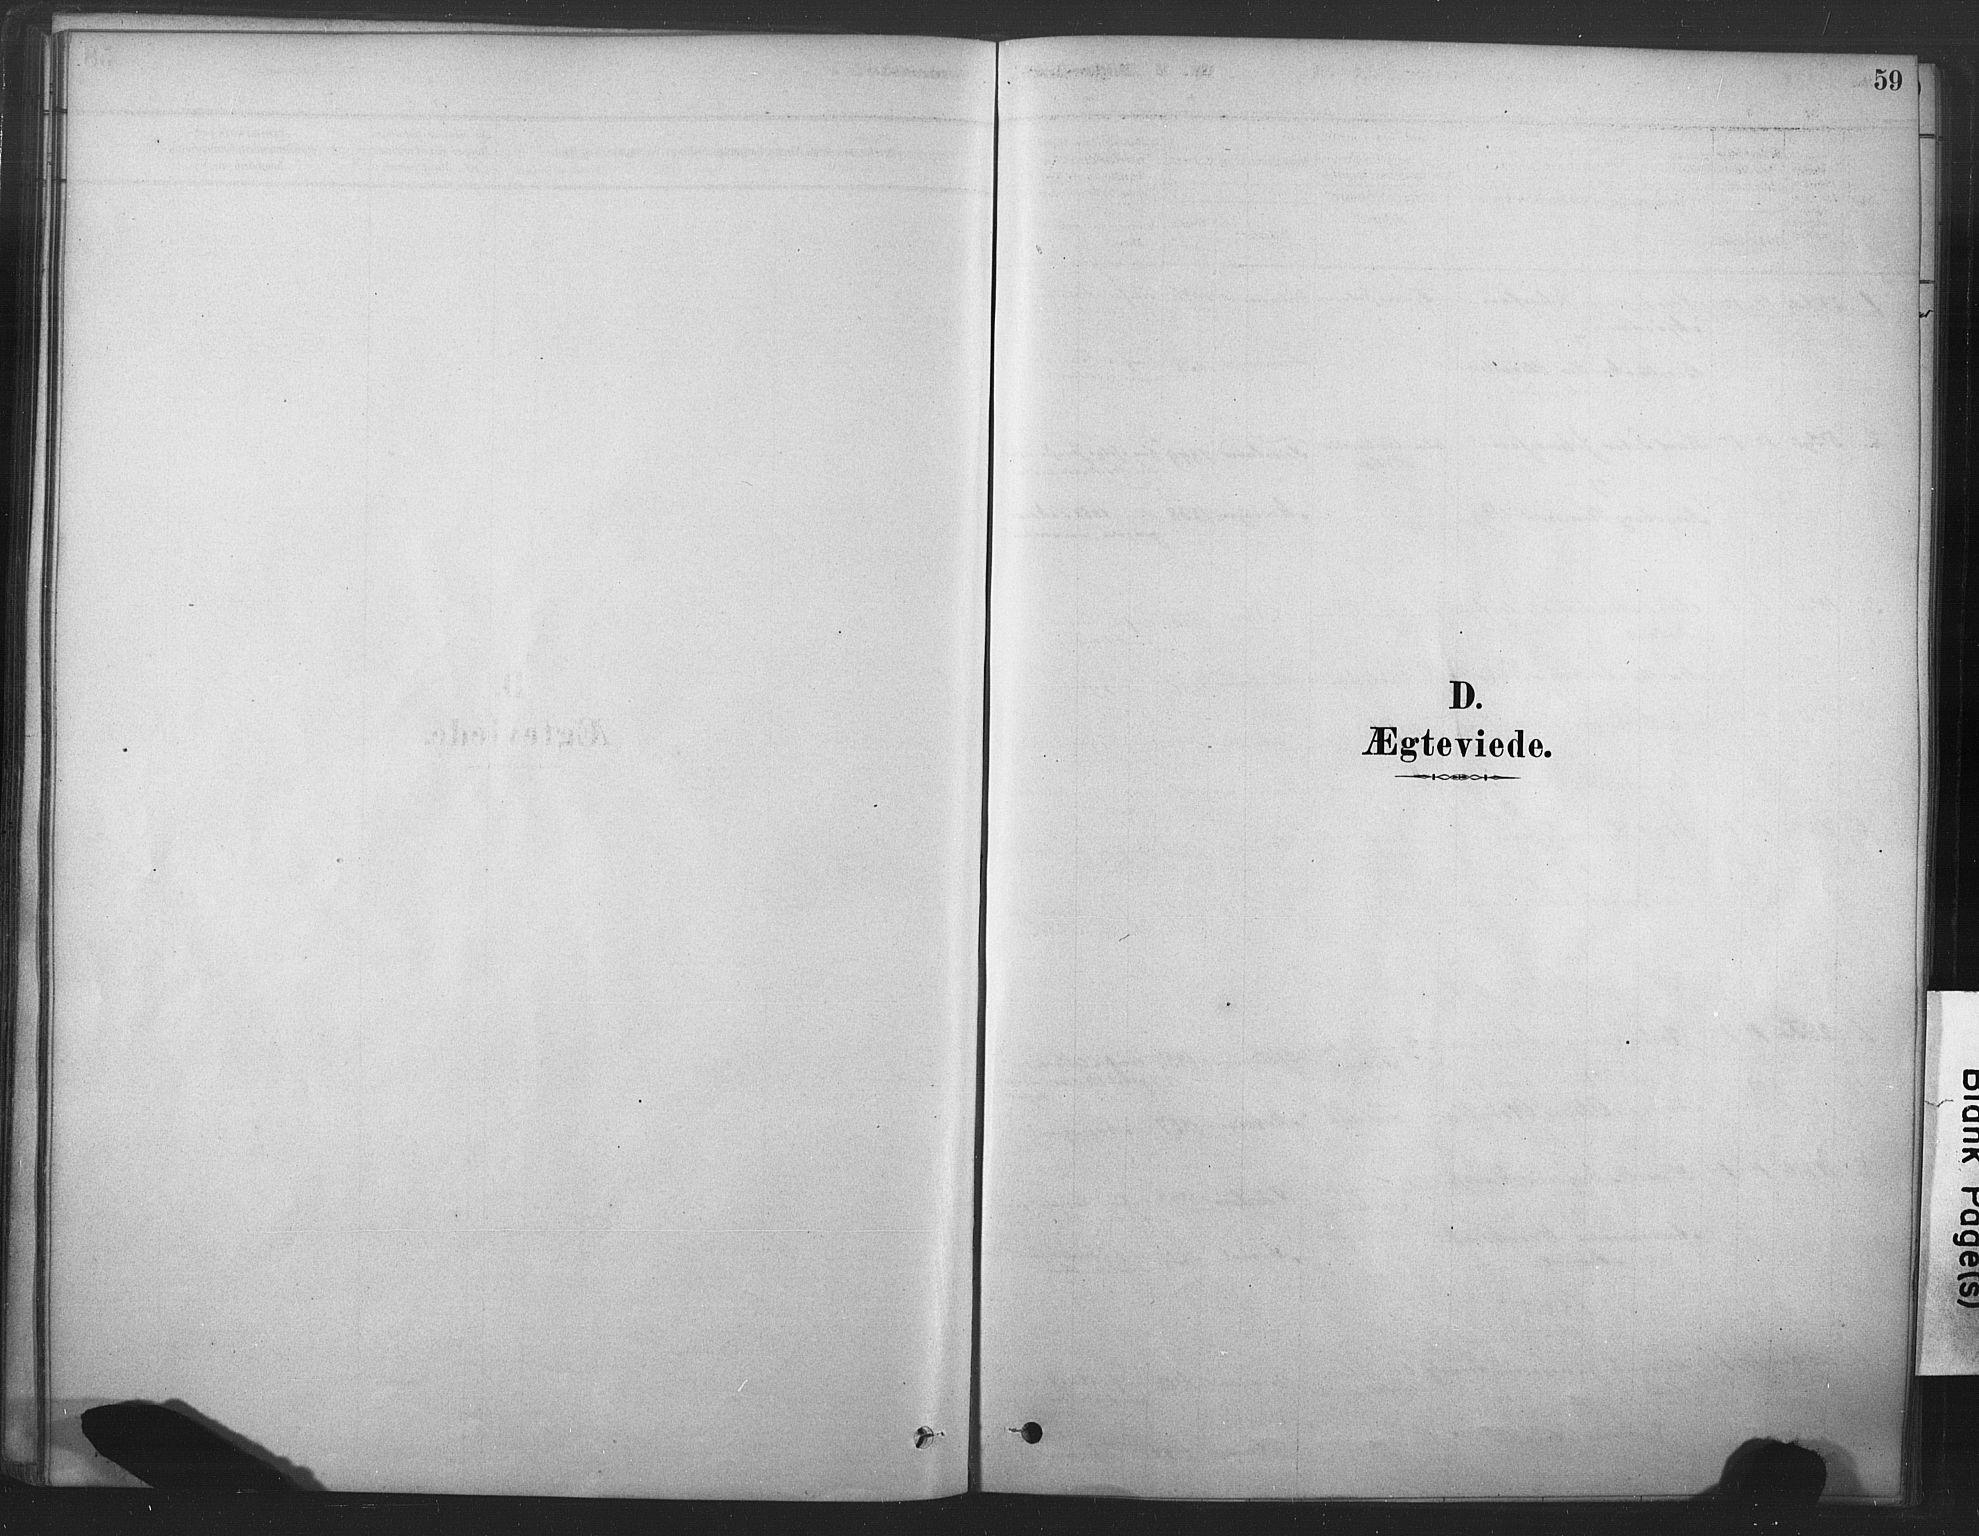 SAT, Ministerialprotokoller, klokkerbøker og fødselsregistre - Nord-Trøndelag, 719/L0178: Ministerialbok nr. 719A01, 1878-1900, s. 59